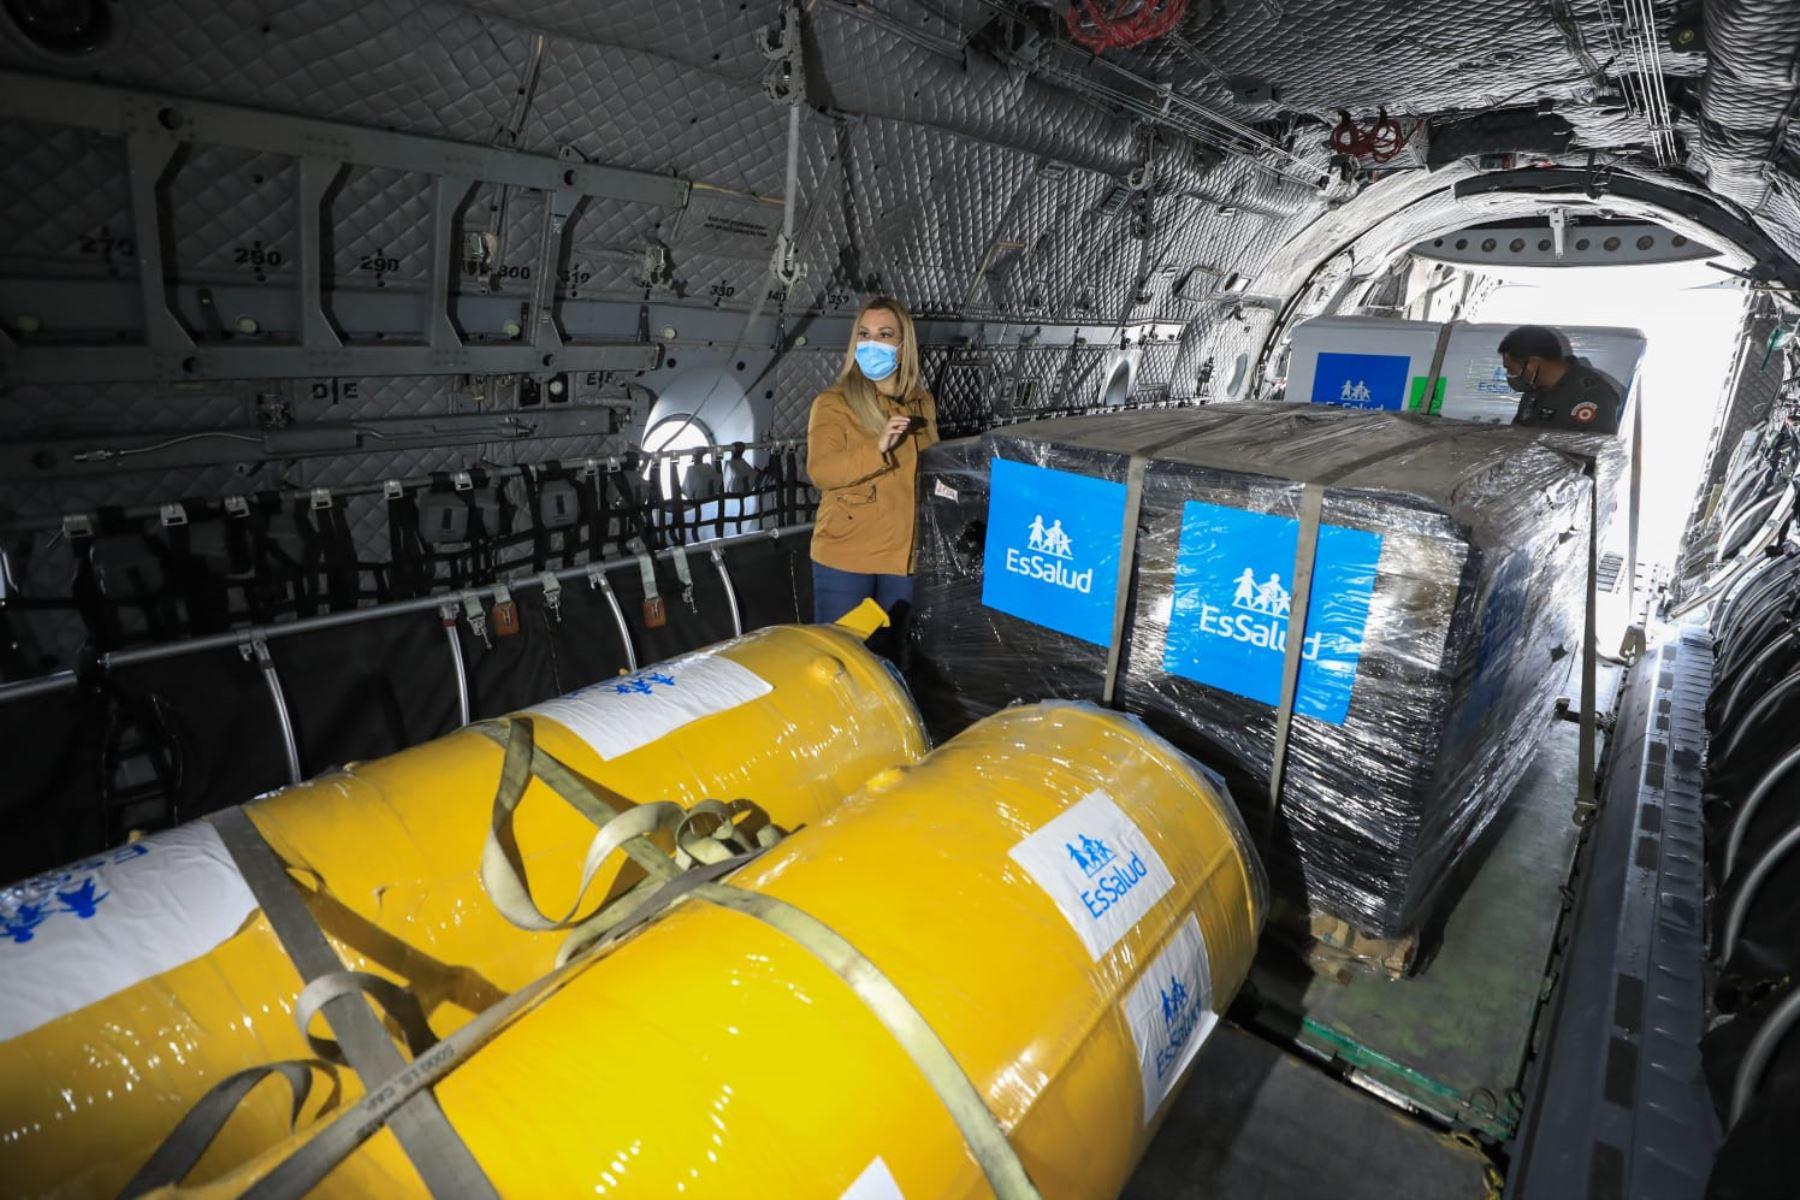 Presidenta de EsSalud, Fiorella Molinelli supervisa envío de 3 plantas de oxígeno medicinal a las regiones de Amazonas y Tumbes. De esta manera llegamos a las 64 plantas de oxígeno enviadas a nivel nacional durante la pandemia. Foto: EsSalud